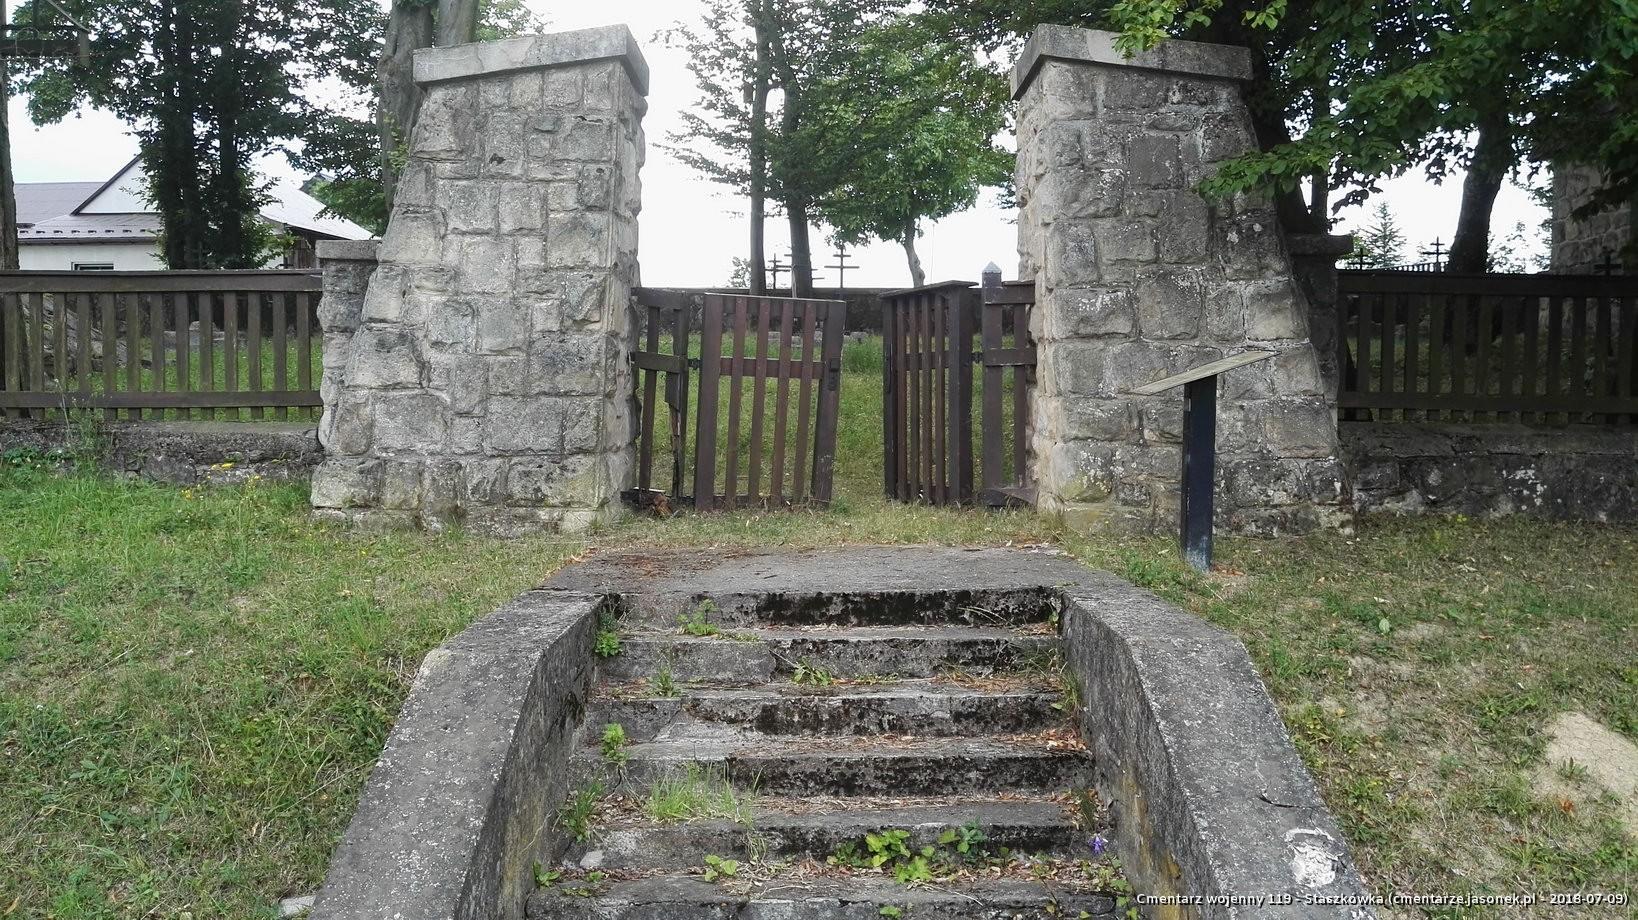 Cmentarz wojenny 119 - Staszkówka